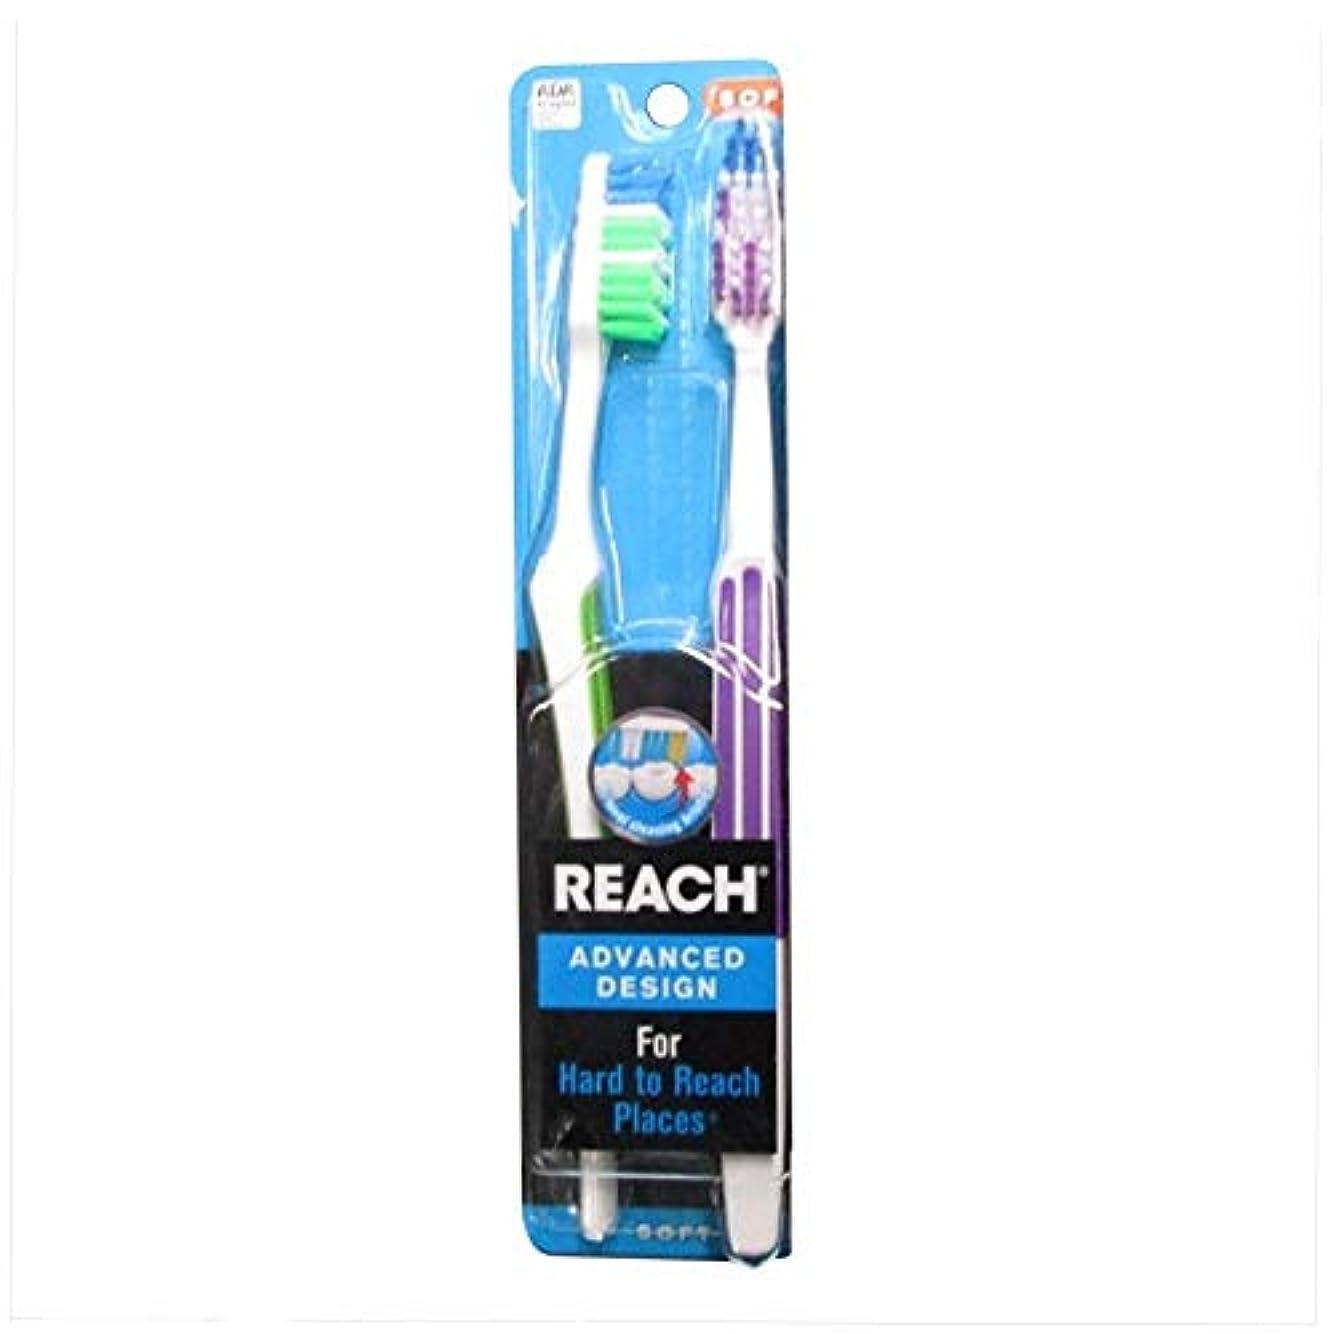 取り戻す大学文明化するReach 高度なデザイン完全な頭部柔らかい歯ブラシ、盛り合わせ色、2カウント(2パック)合計4歯ブラシ